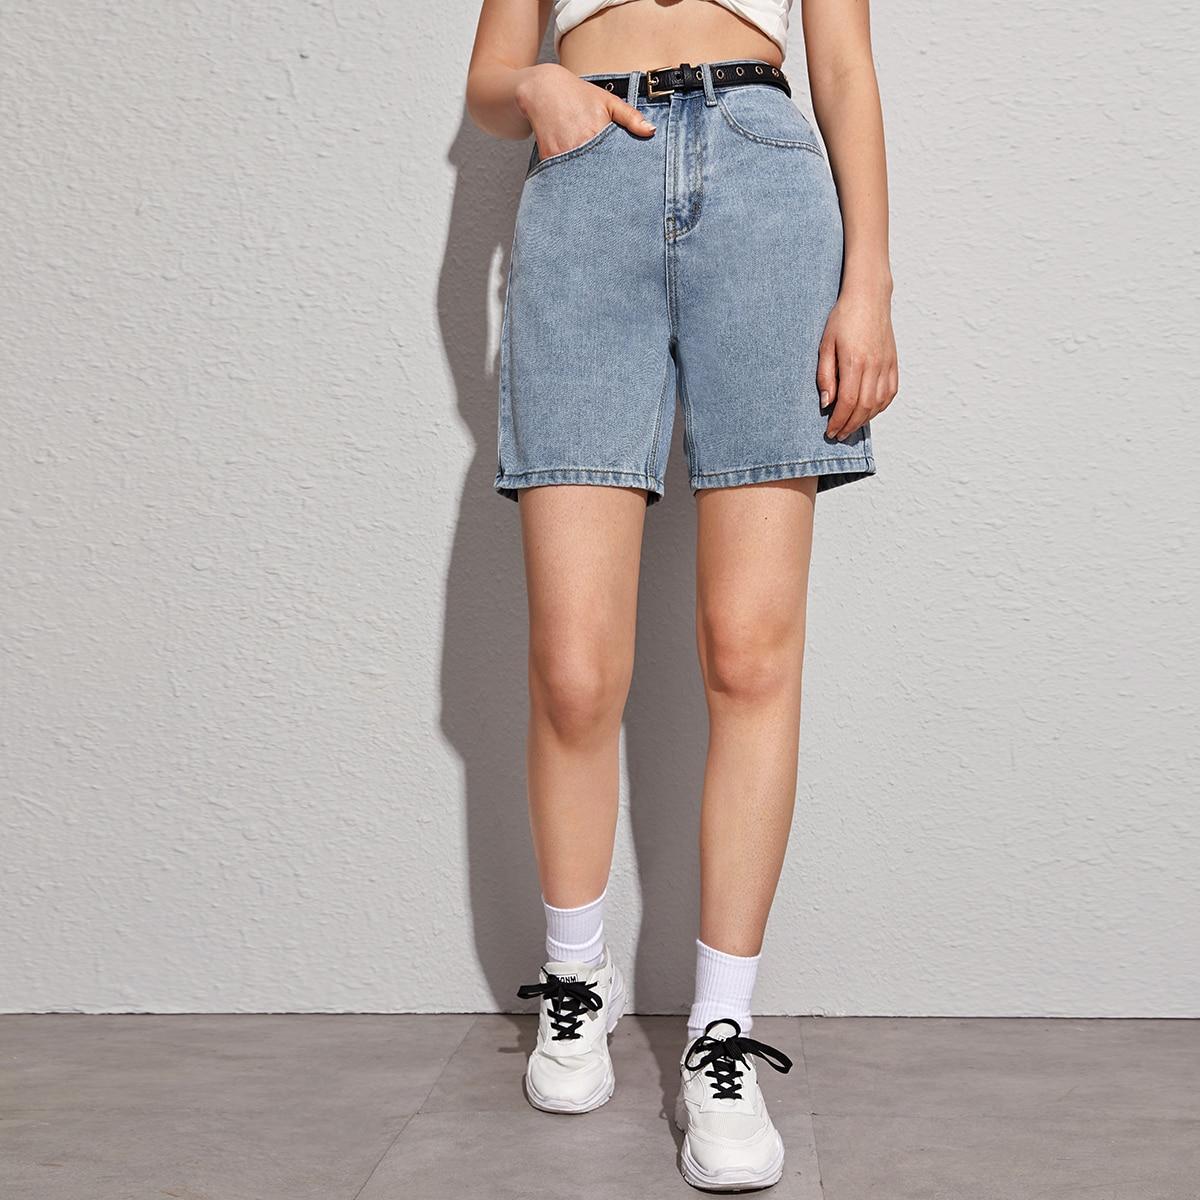 Джинсовые шорты без пояса